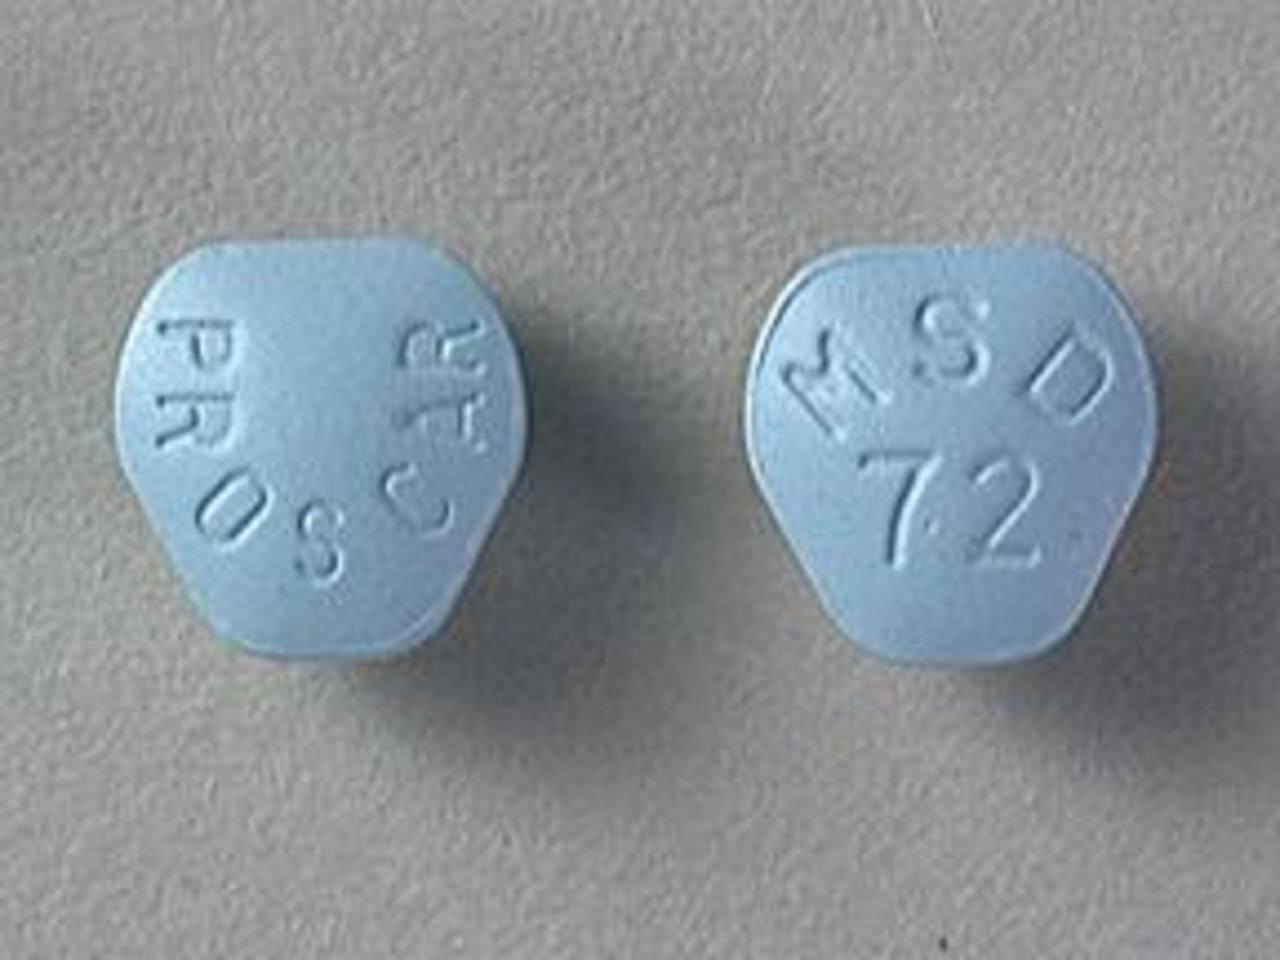 El medicamento, fabricado por Merck & Co., se vende bajo la marca Proscar y en forma genérica como finasterida.